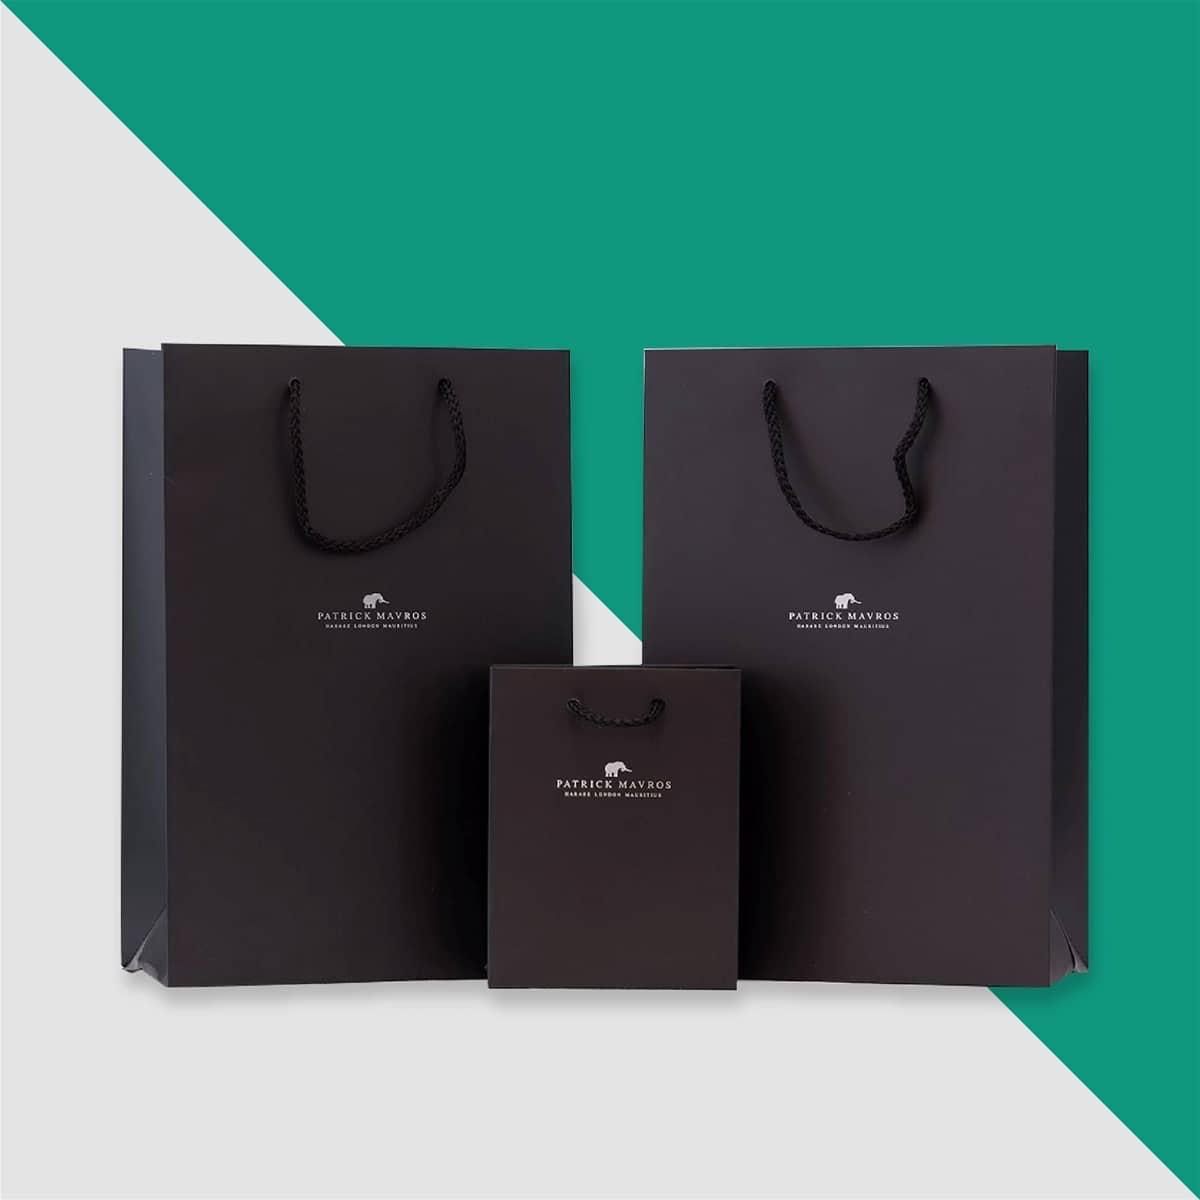 Làm cách nào để chọn kích thước túi giấy đẹp và phù hợp?